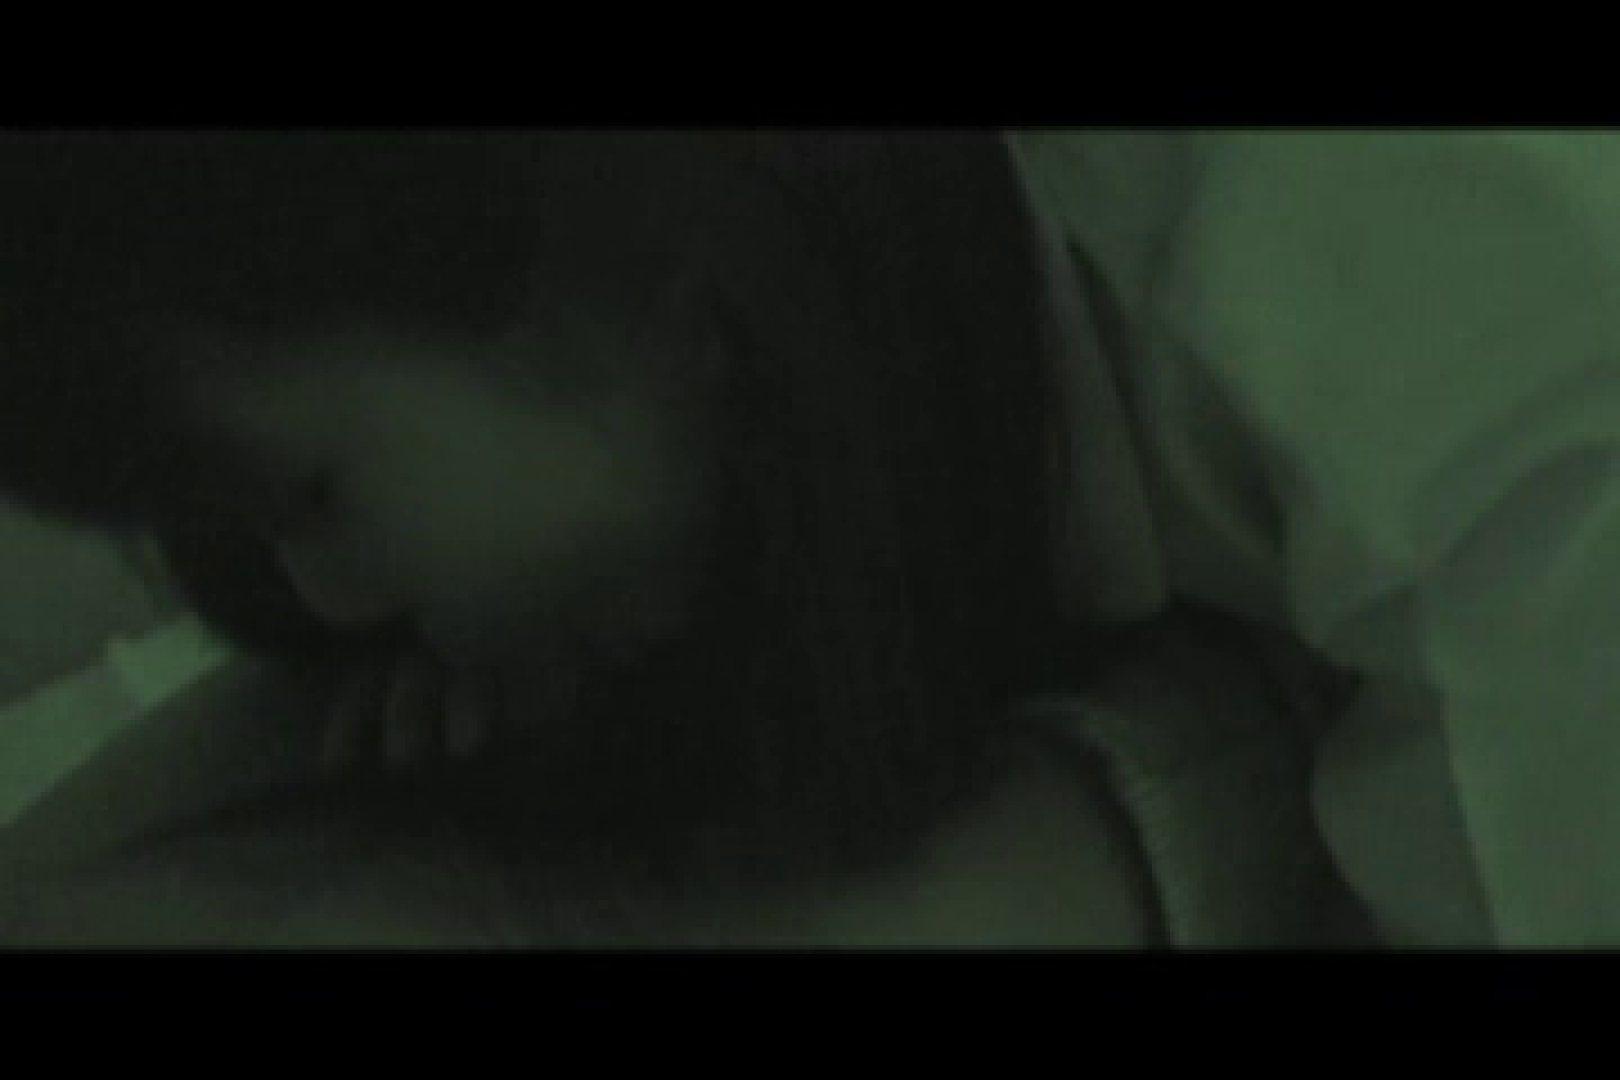 ヤリマンと呼ばれた看護士さんvol3 フェラ セックス画像 70連発 14